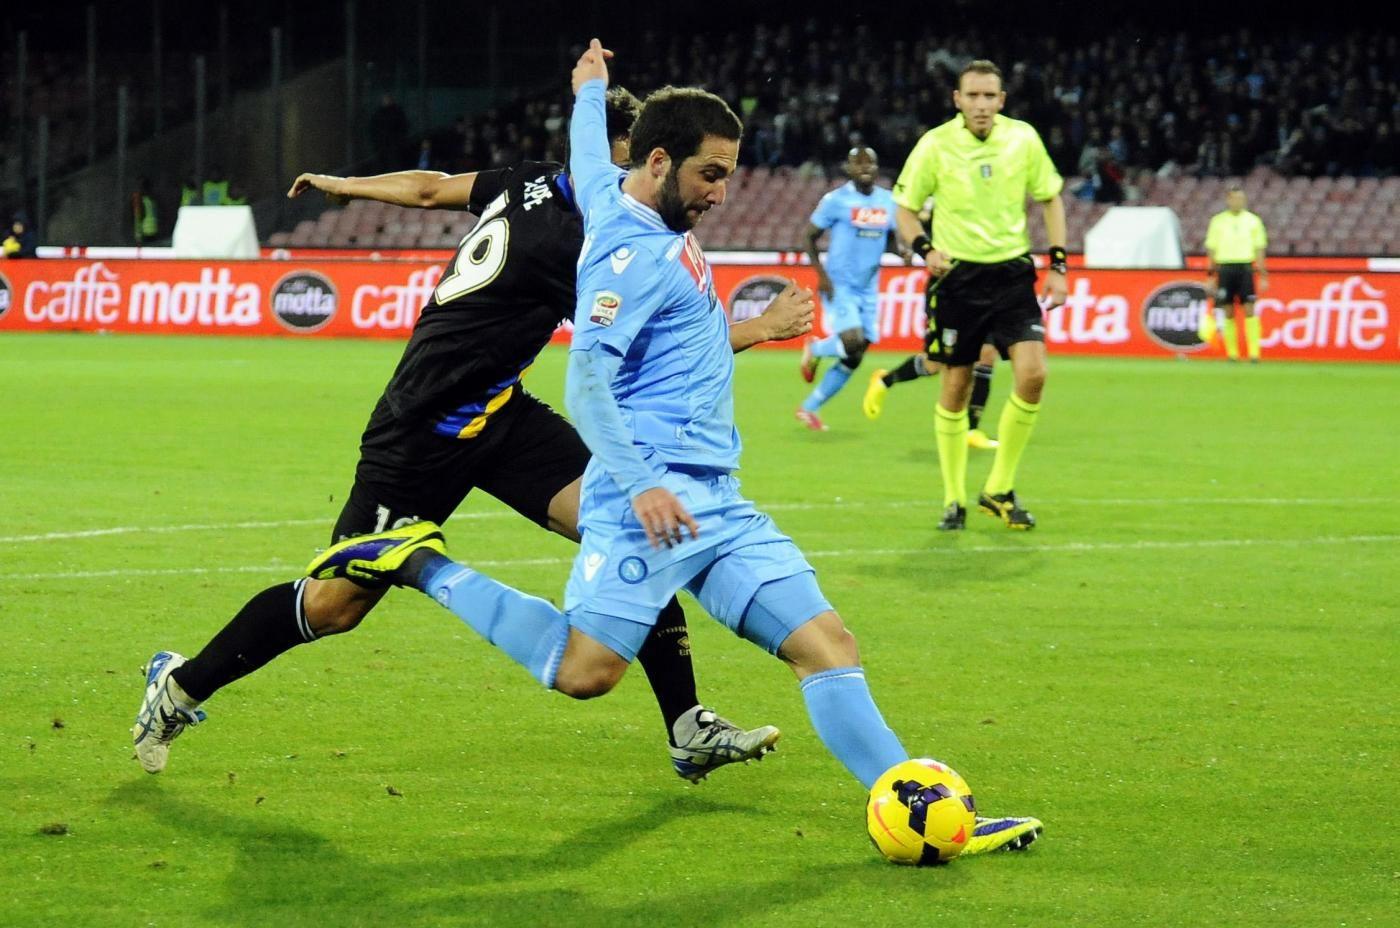 Serie A : Le probabili formazioni per l'ultima di andata